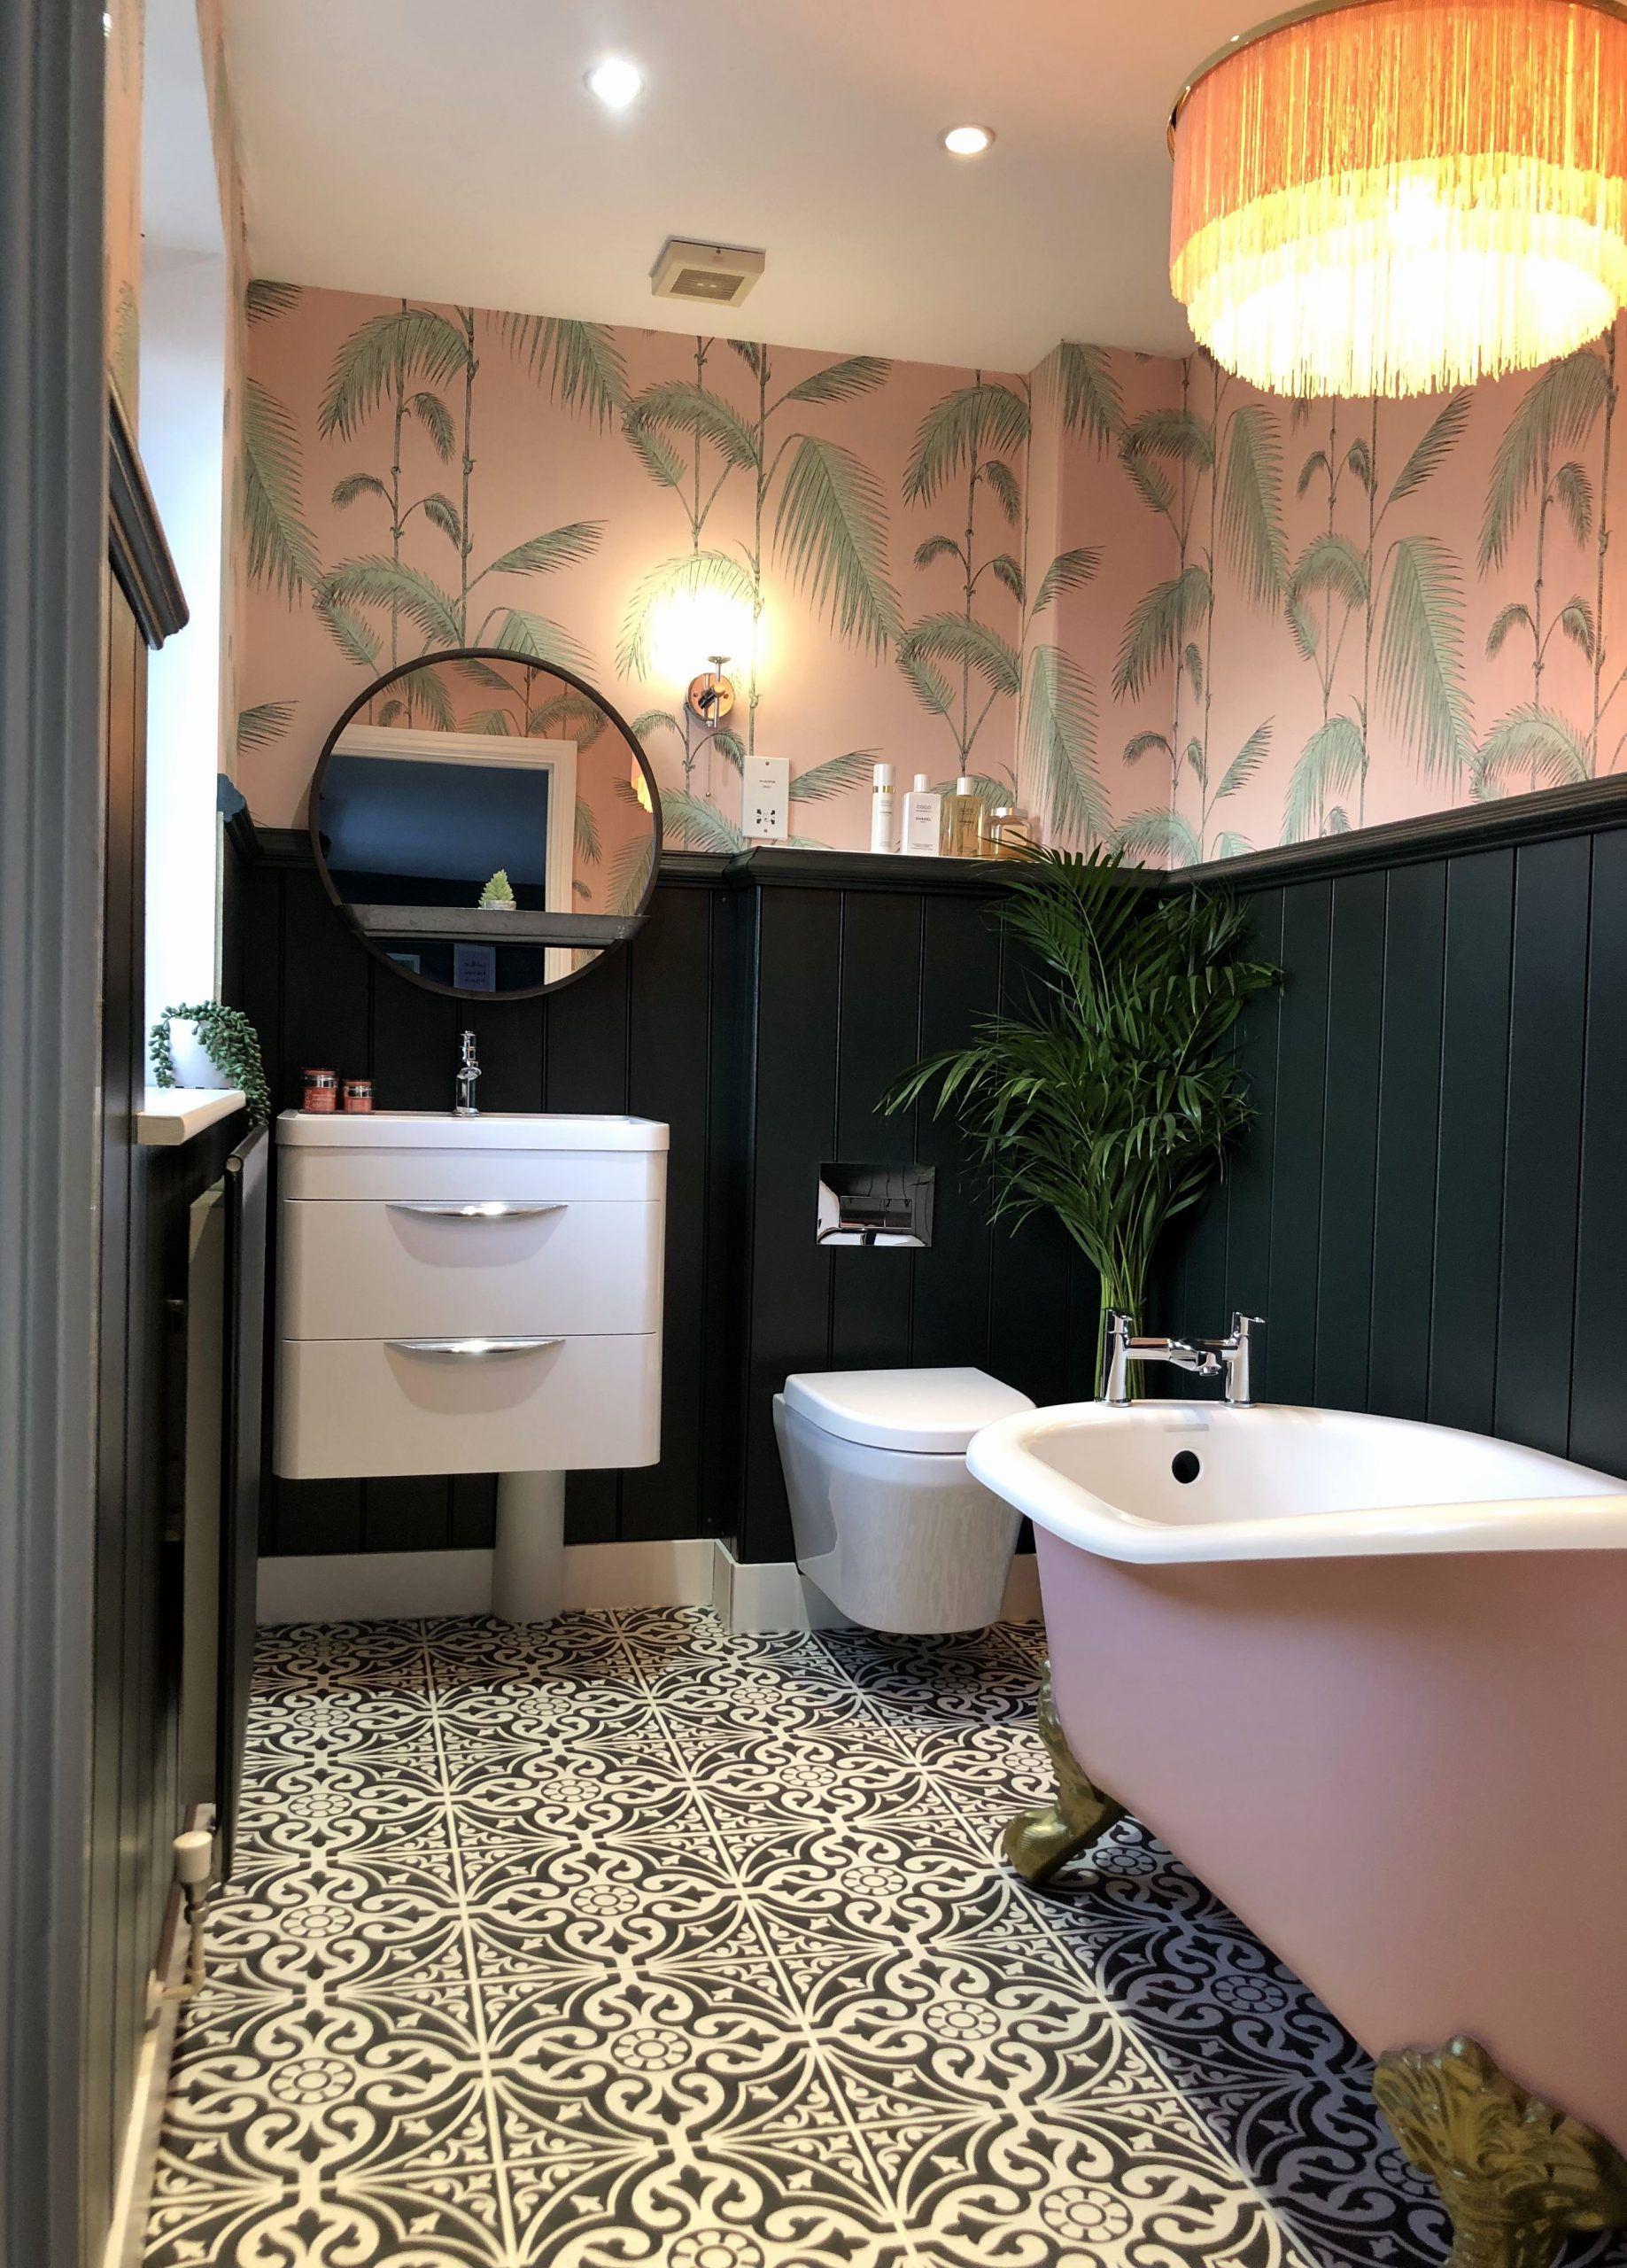 Blue And Green Bathroom Decor Elegant Jools Pink And Green Bathroom Of Dreams In 2020 Green Bathroom Bathroom Red Green Bathroom Decor